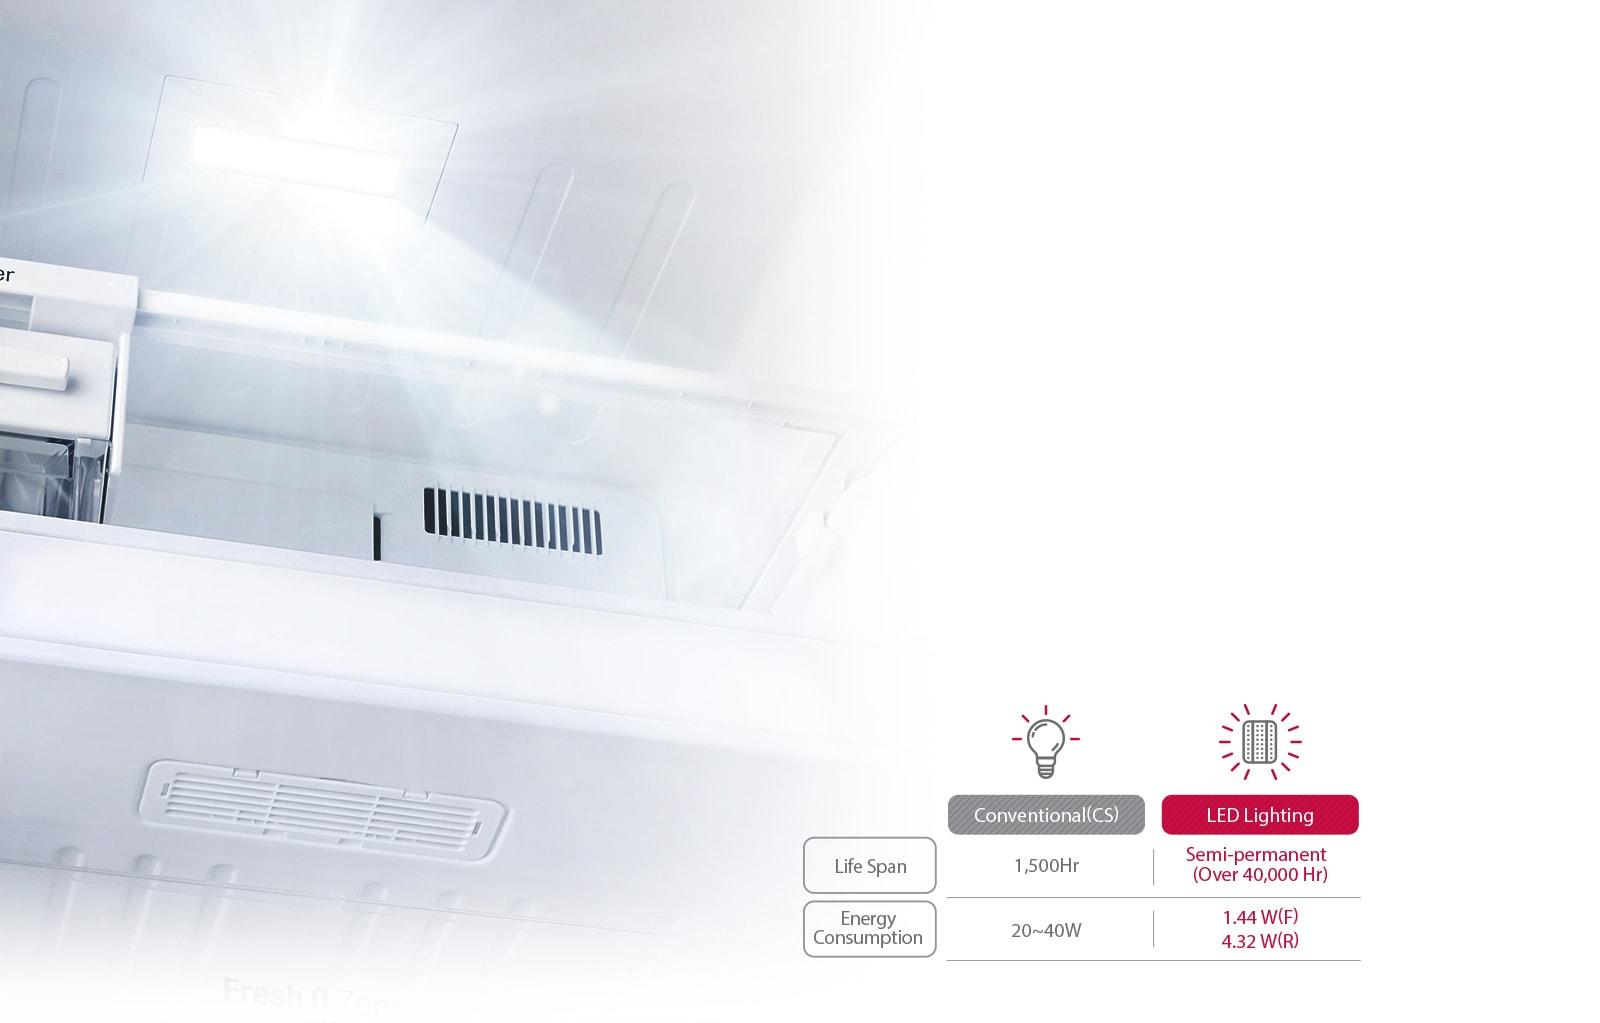 LG GL-T302RPZ3 284 Ltr LED Lighting